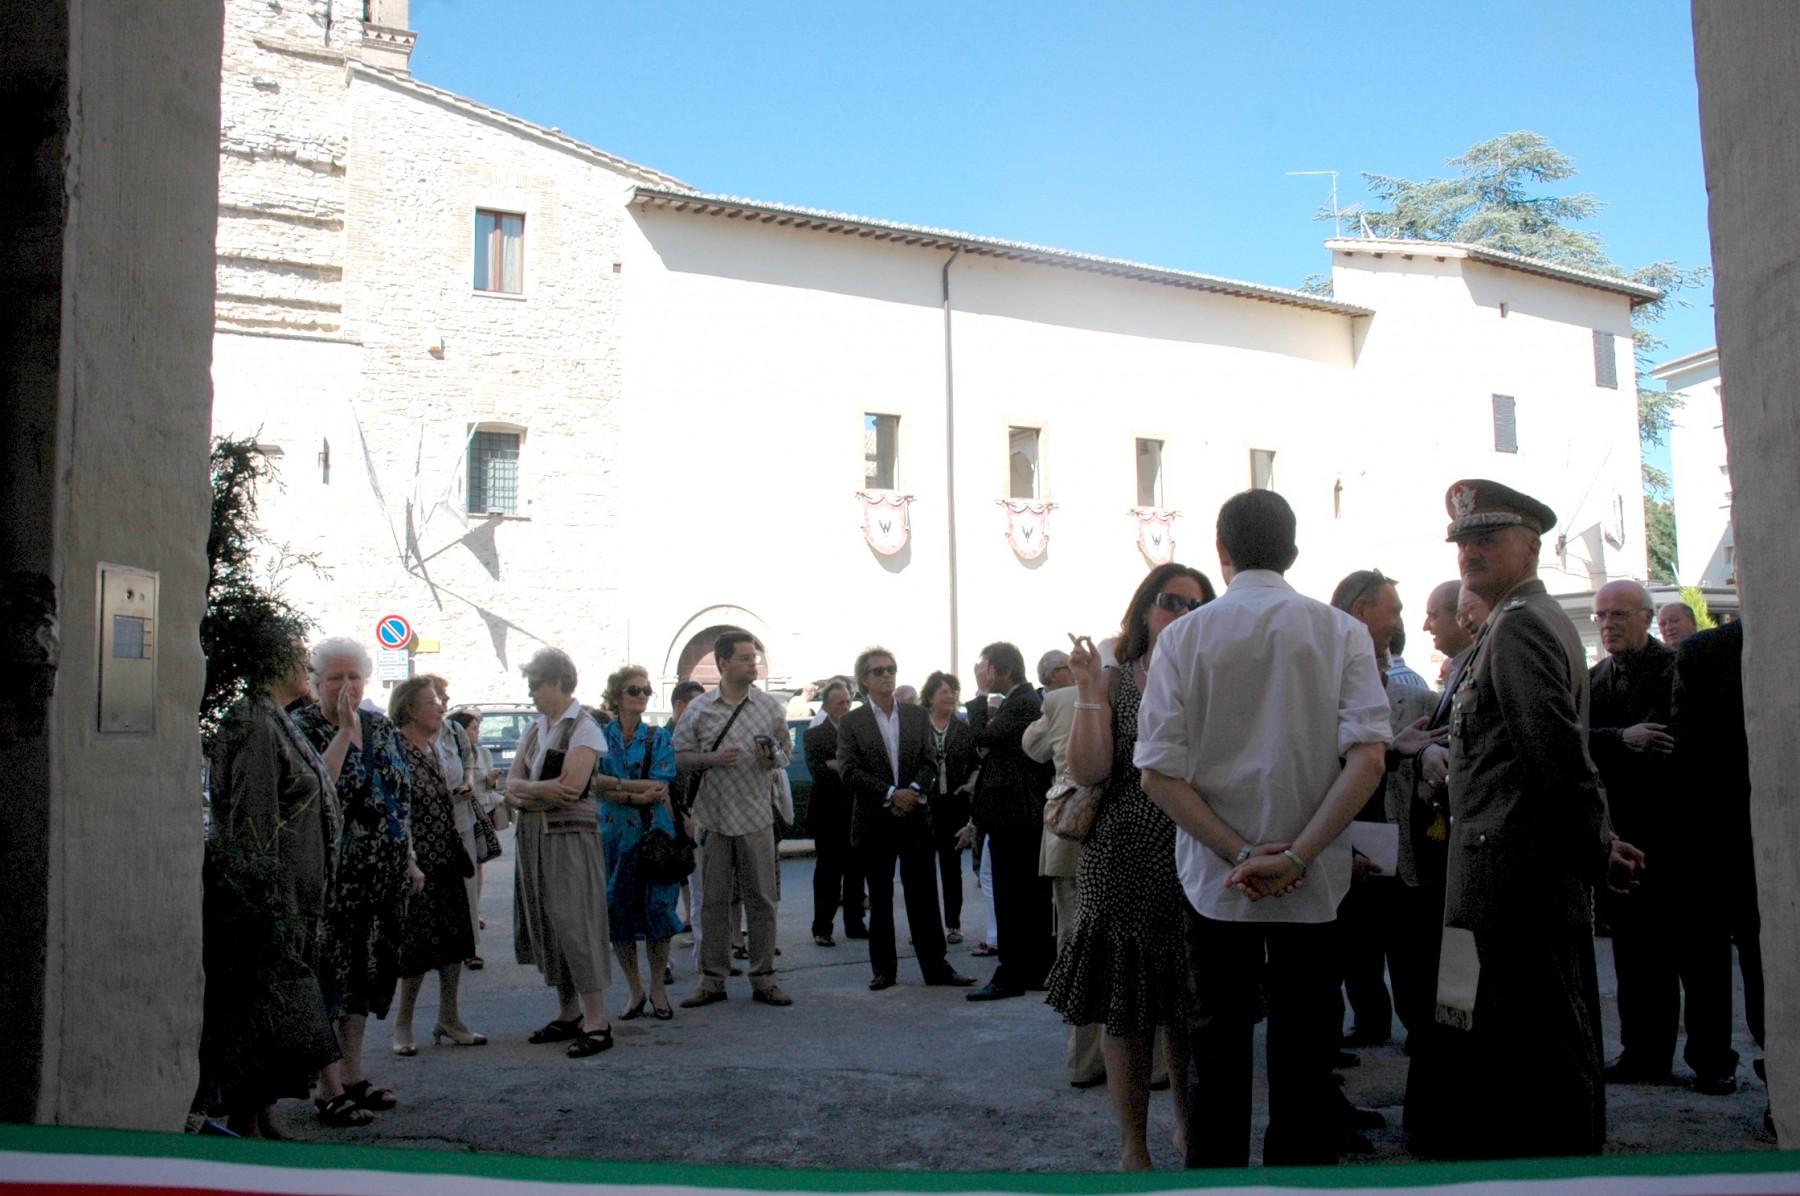 21 giugno 2008. In piazza S. Giacomo la folla in attesa